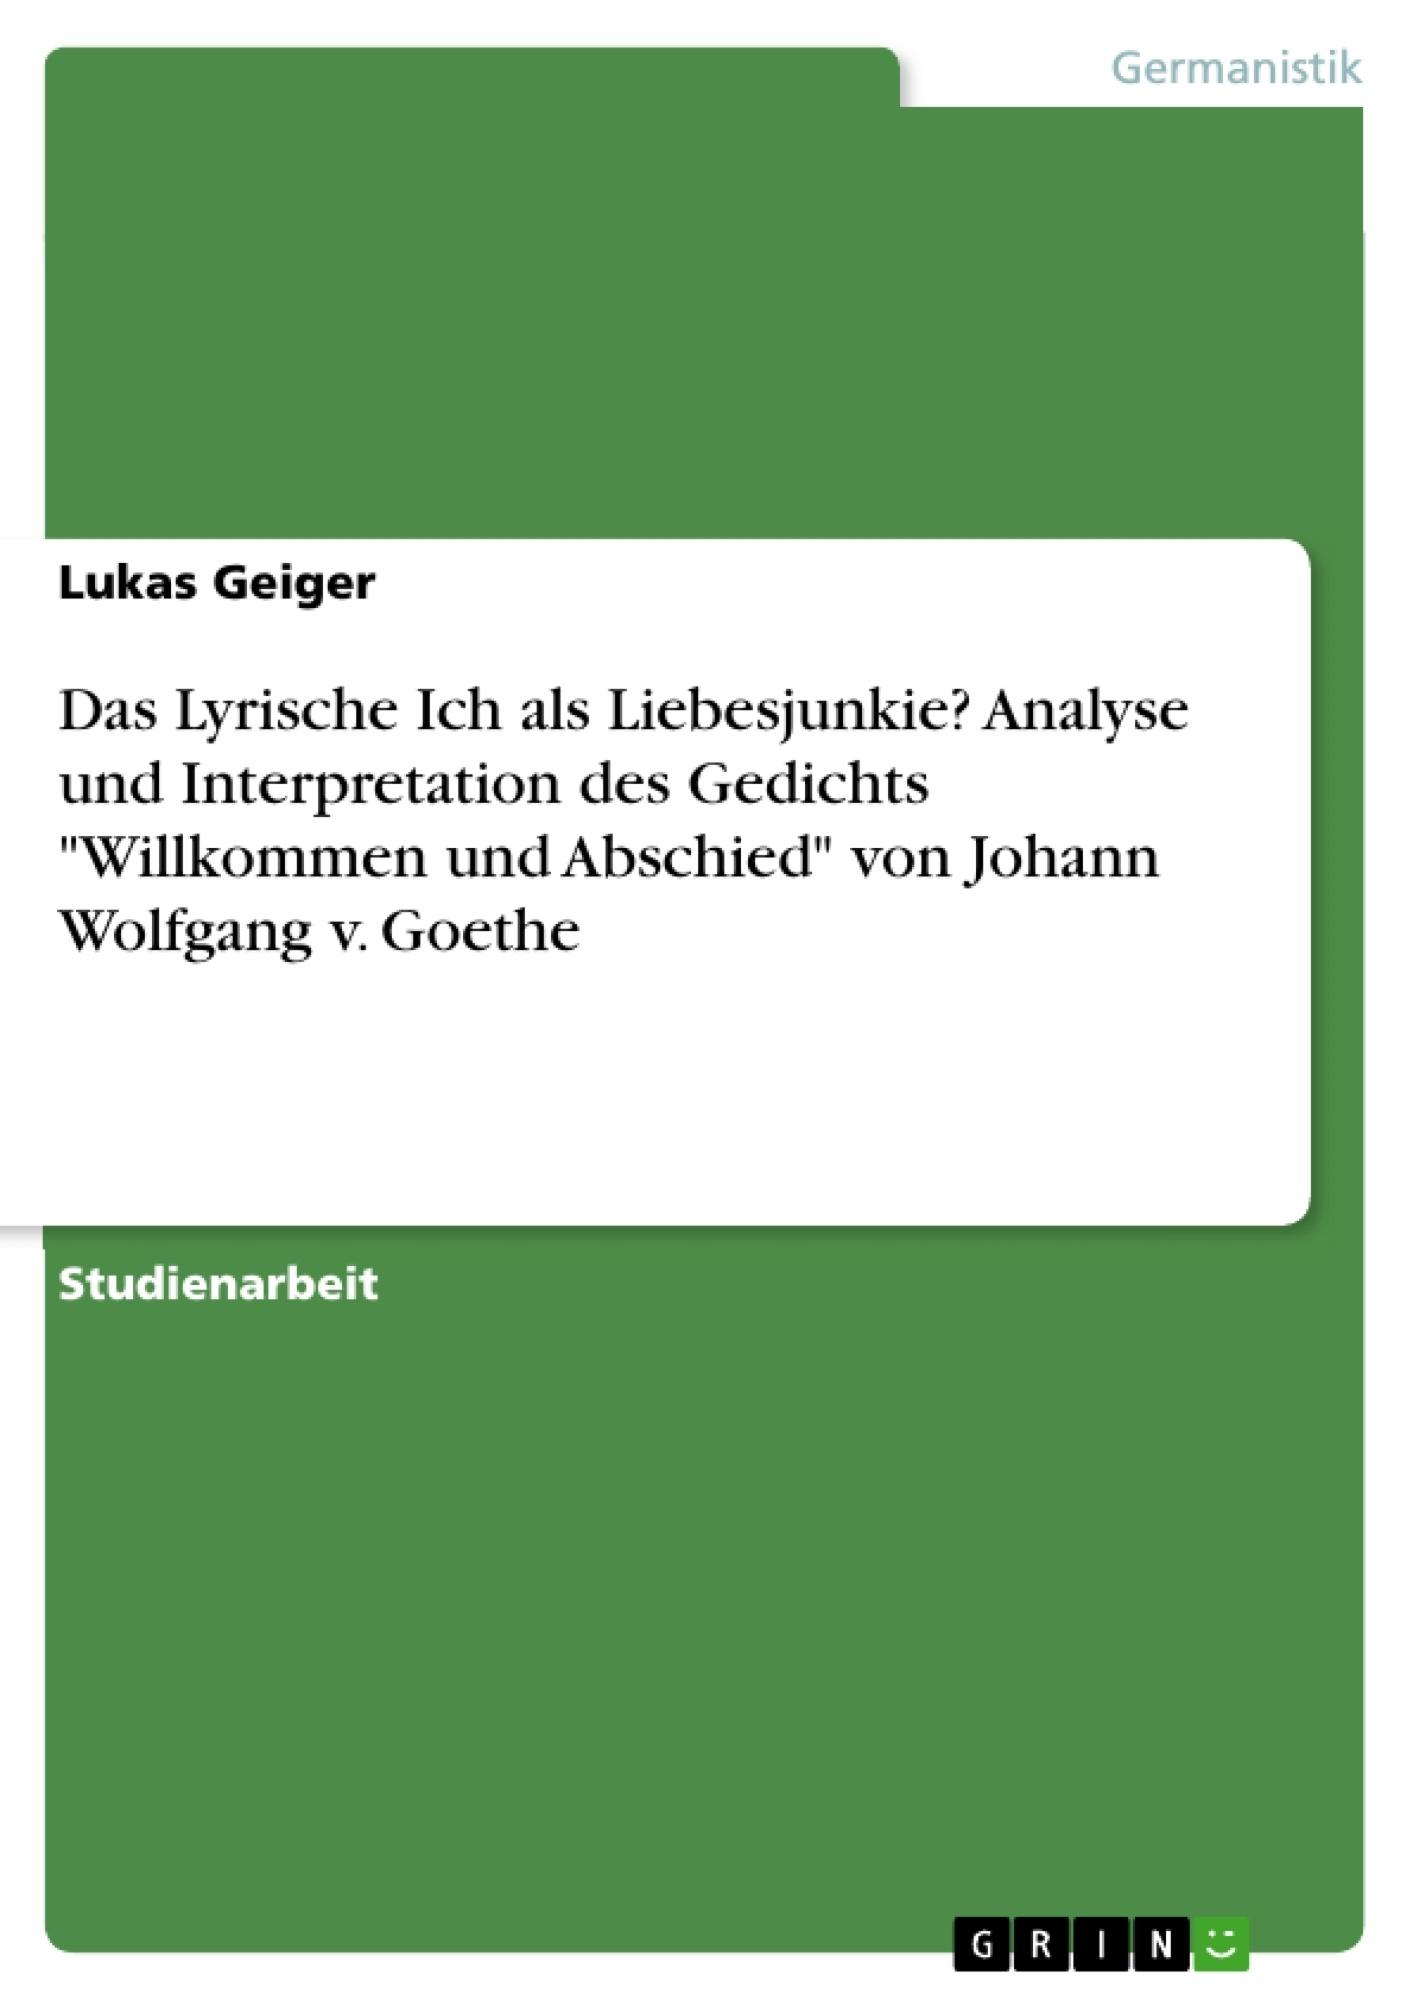 """Titel: Das Lyrische Ich als Liebesjunkie? Analyse und Interpretation des Gedichts """"Willkommen und Abschied"""" von Johann Wolfgang v. Goethe"""